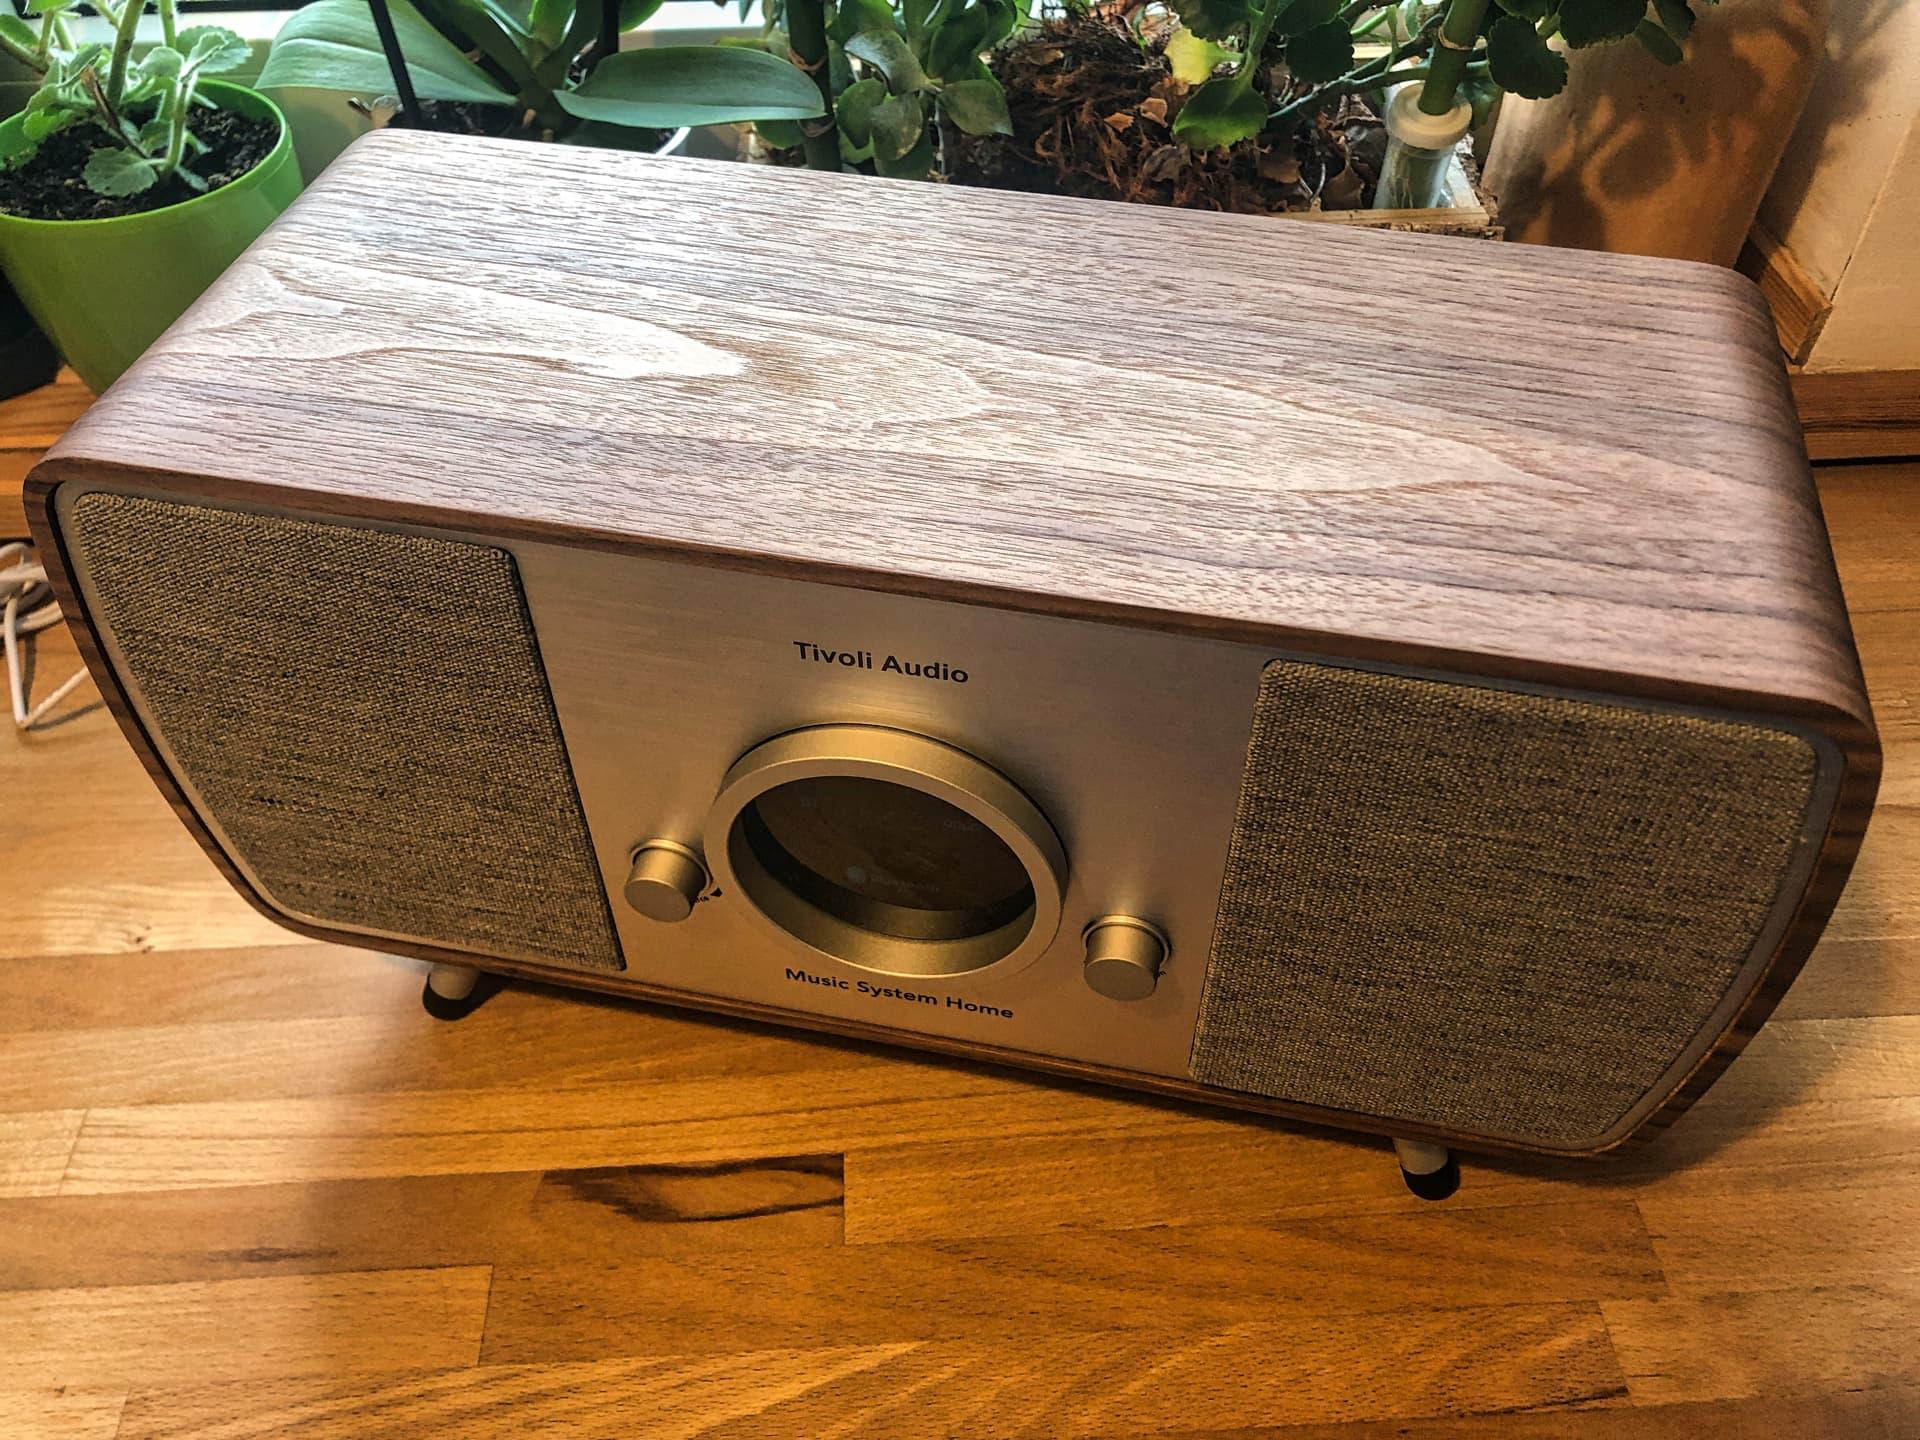 Tivoli Audio Music System Home wygląd i jakość wykonania